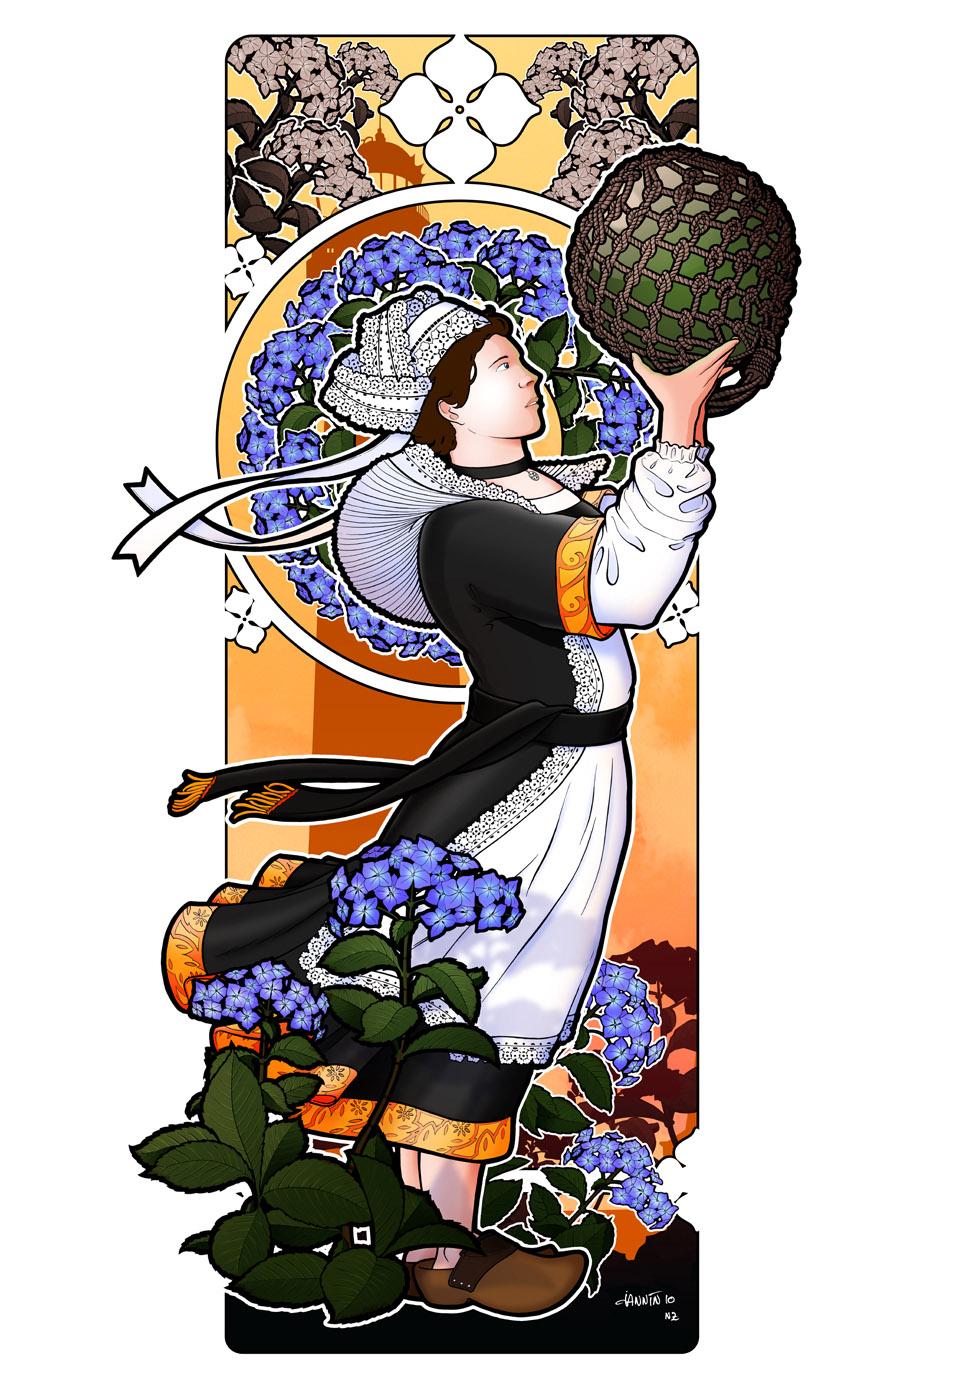 lfdp color bckgrd final2 rzd blog